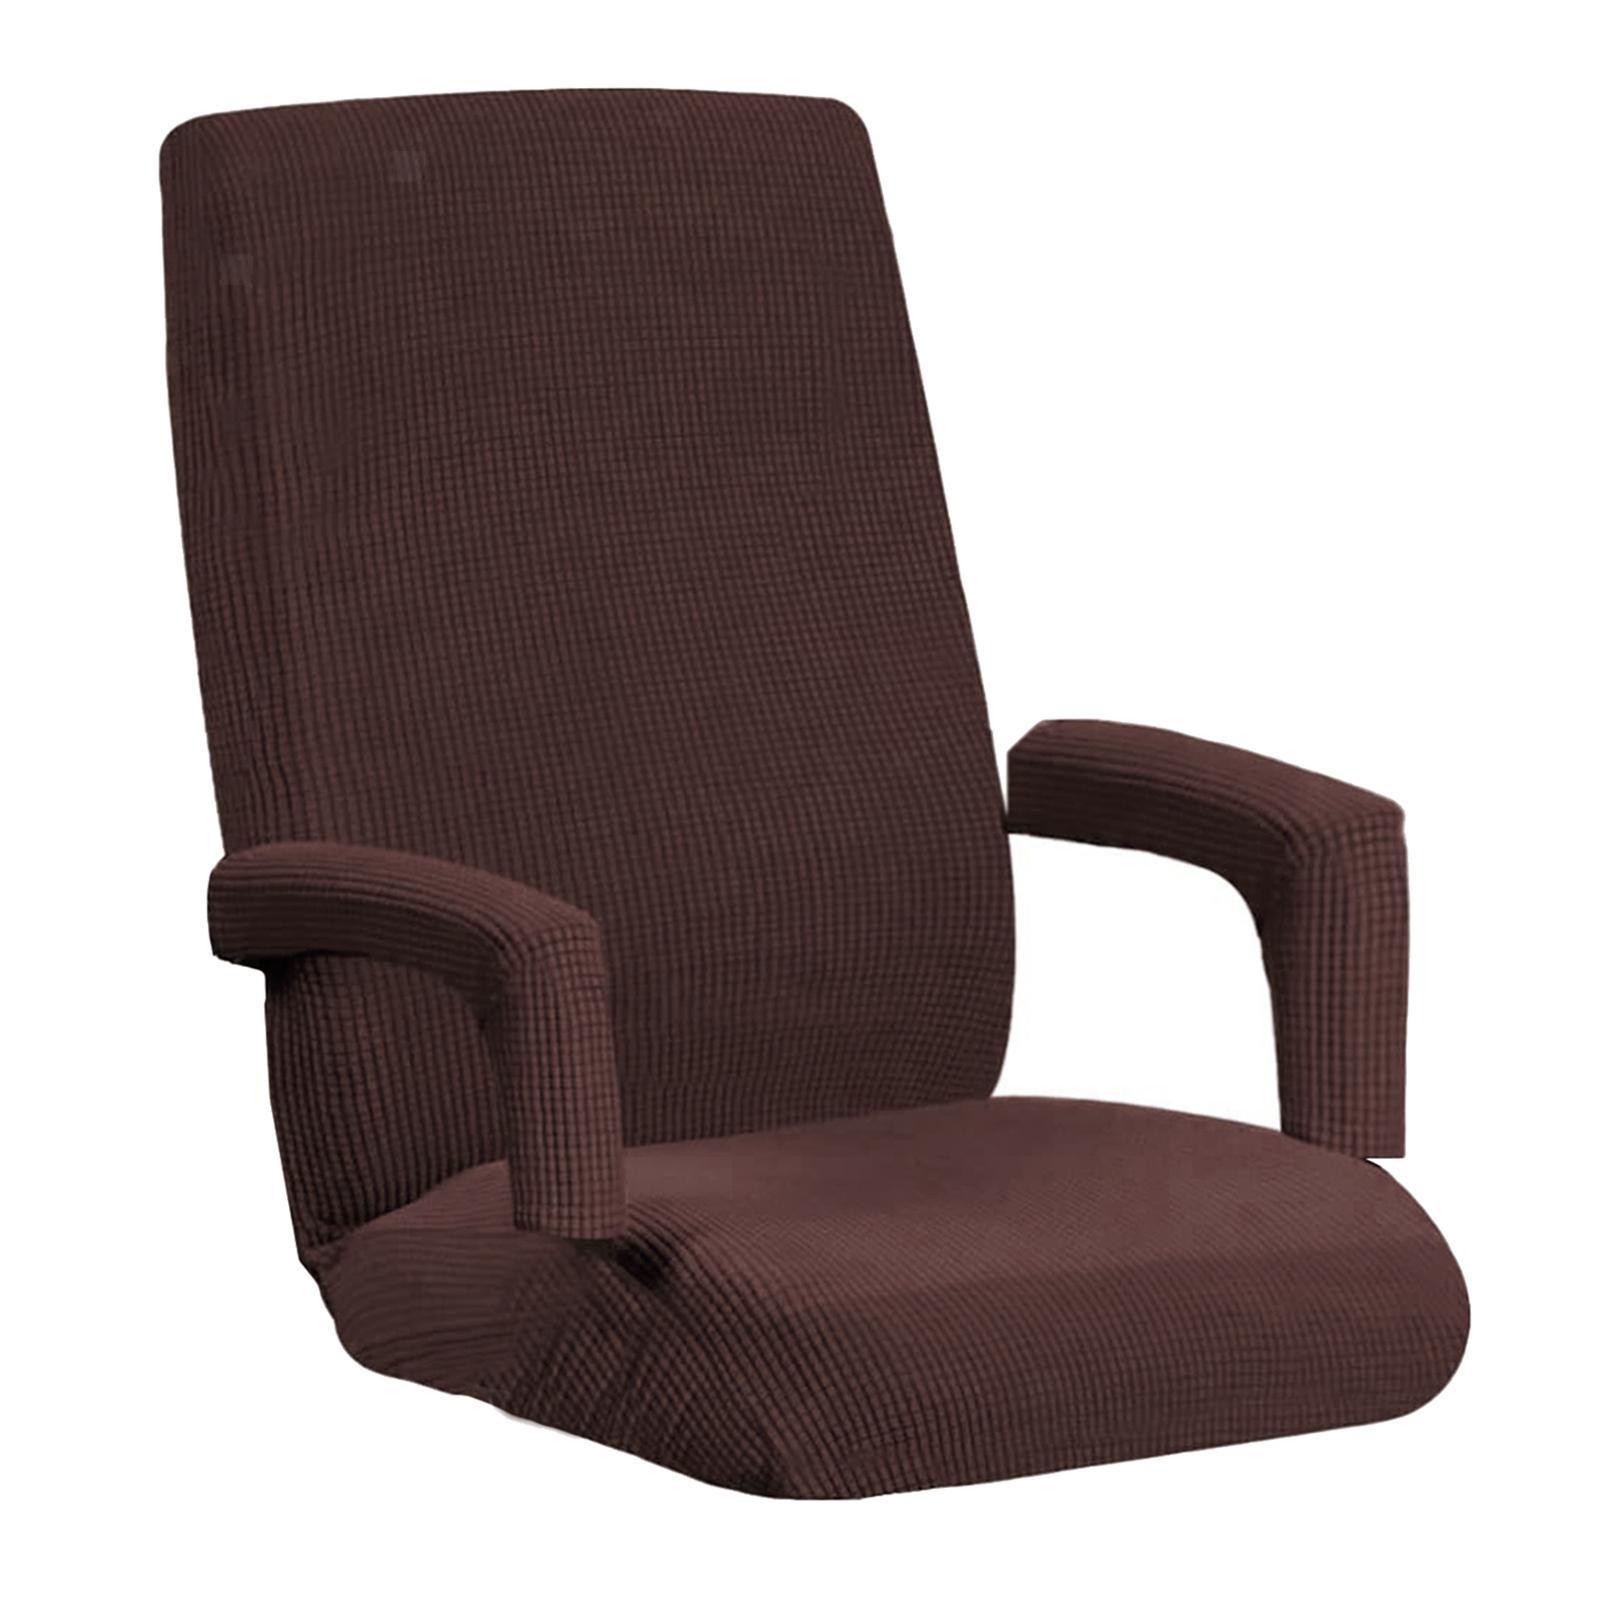 miniature 37 - Housses de chaise de bureau contemporaines à dossier haut et 2 housses de bras